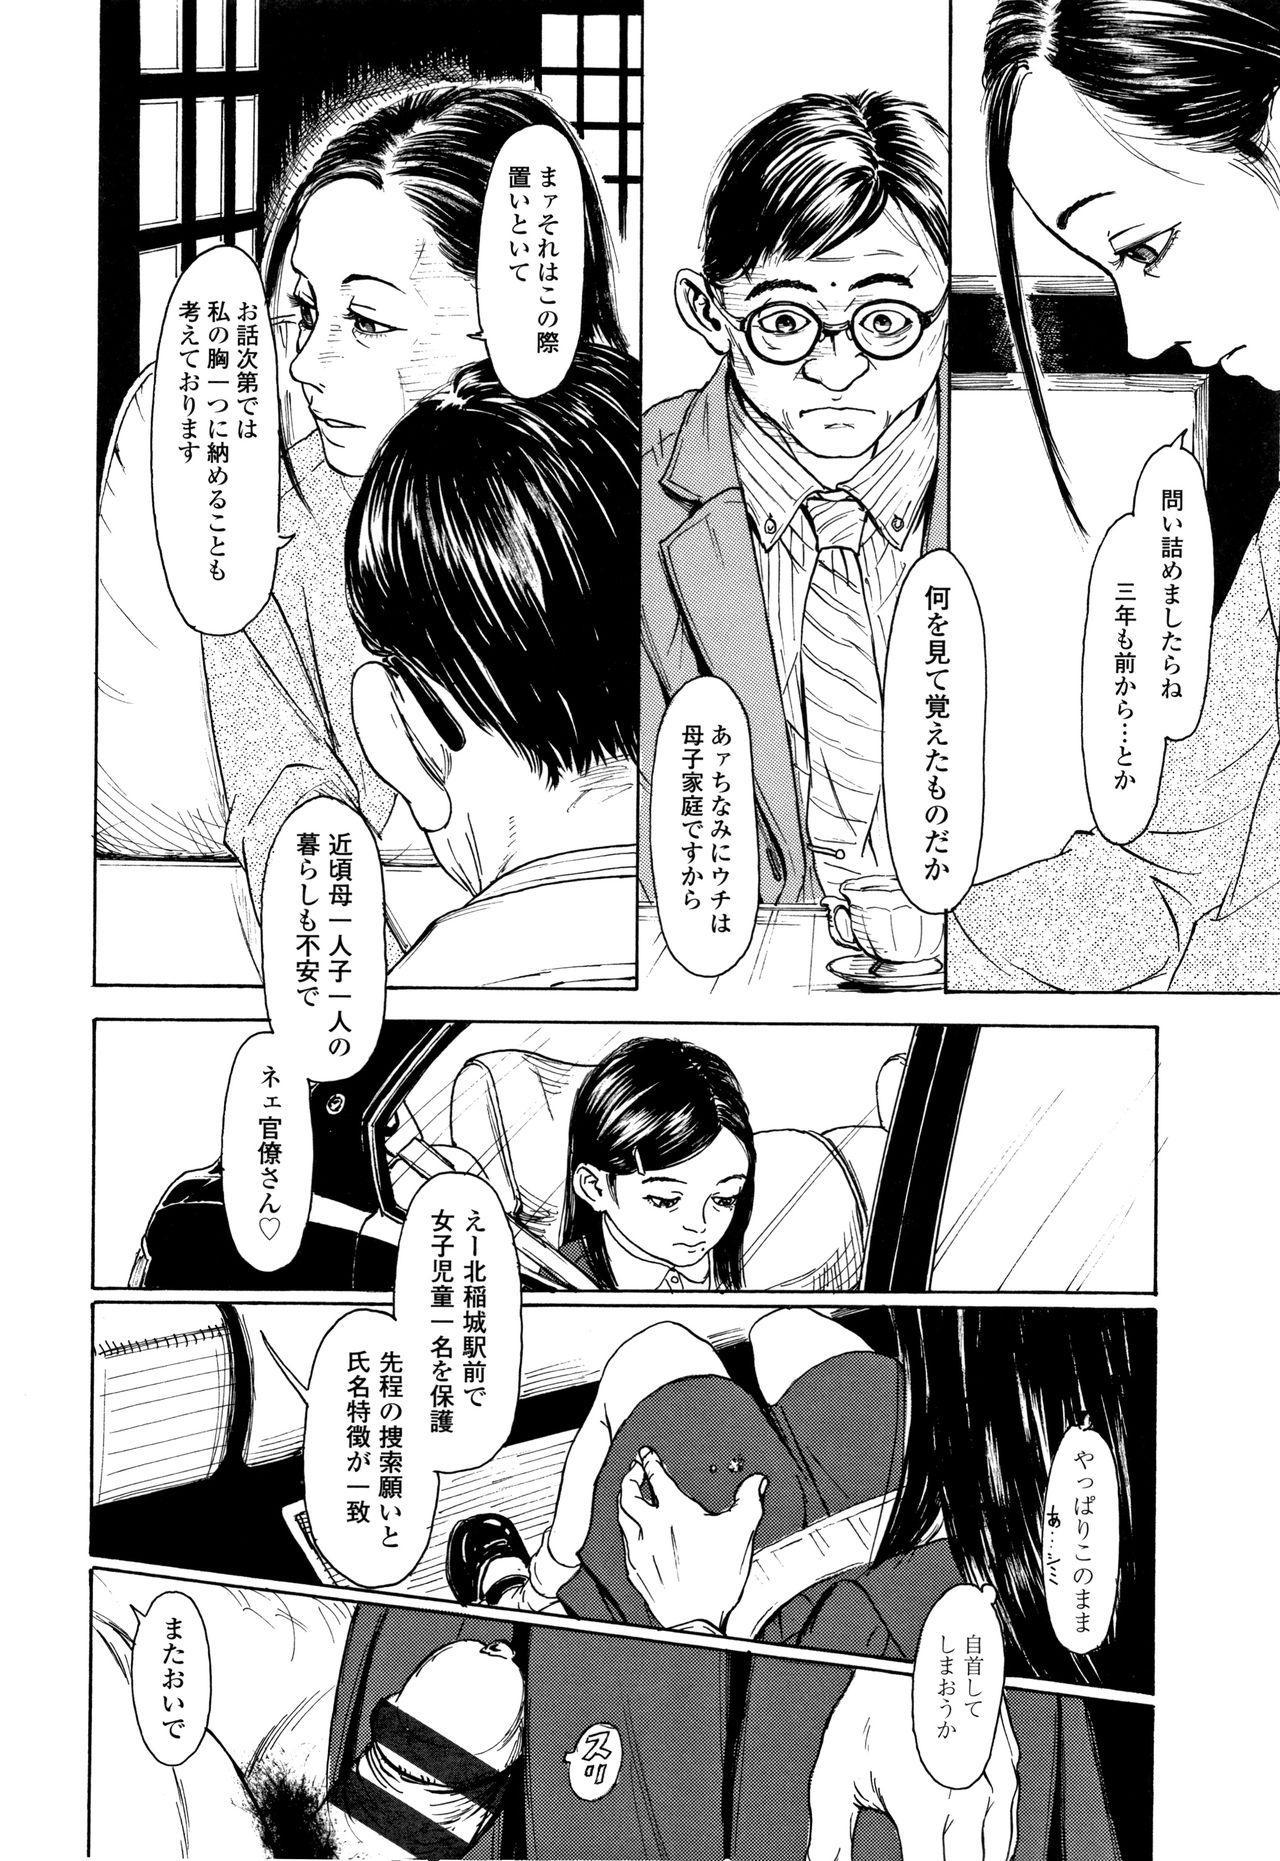 Chiisai Karada ni Shiroi Kage 146